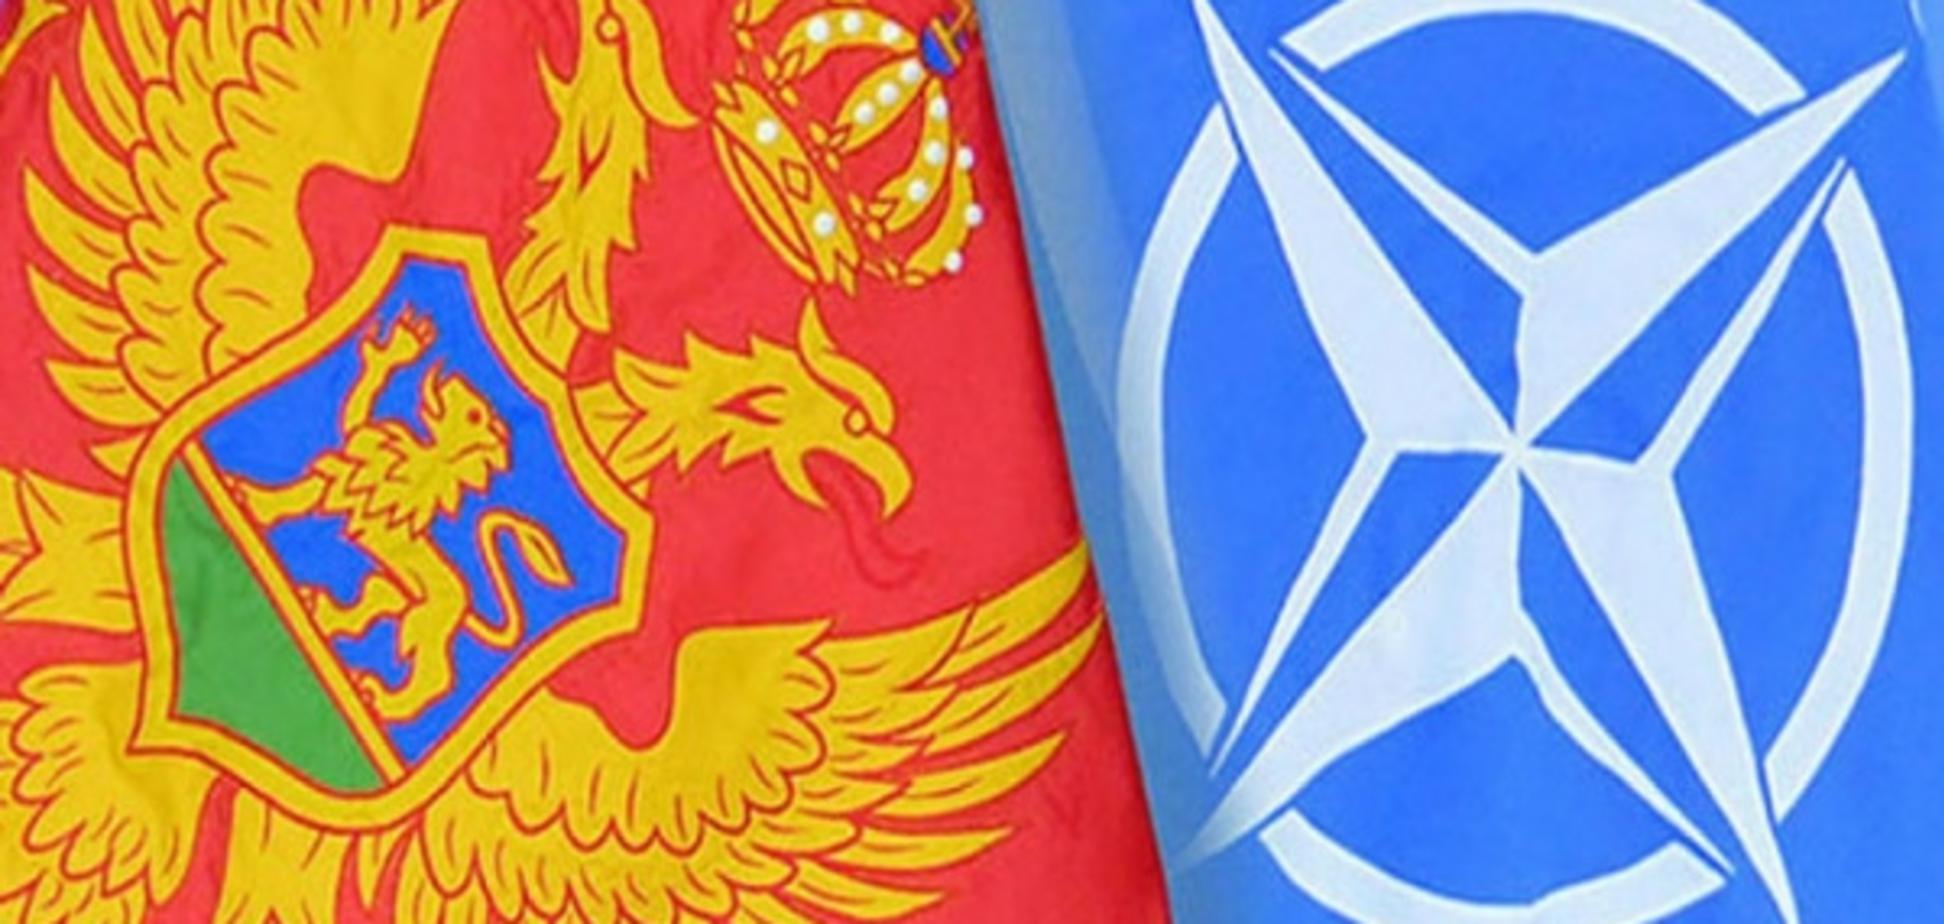 Прапори Чорногорії і НАТО